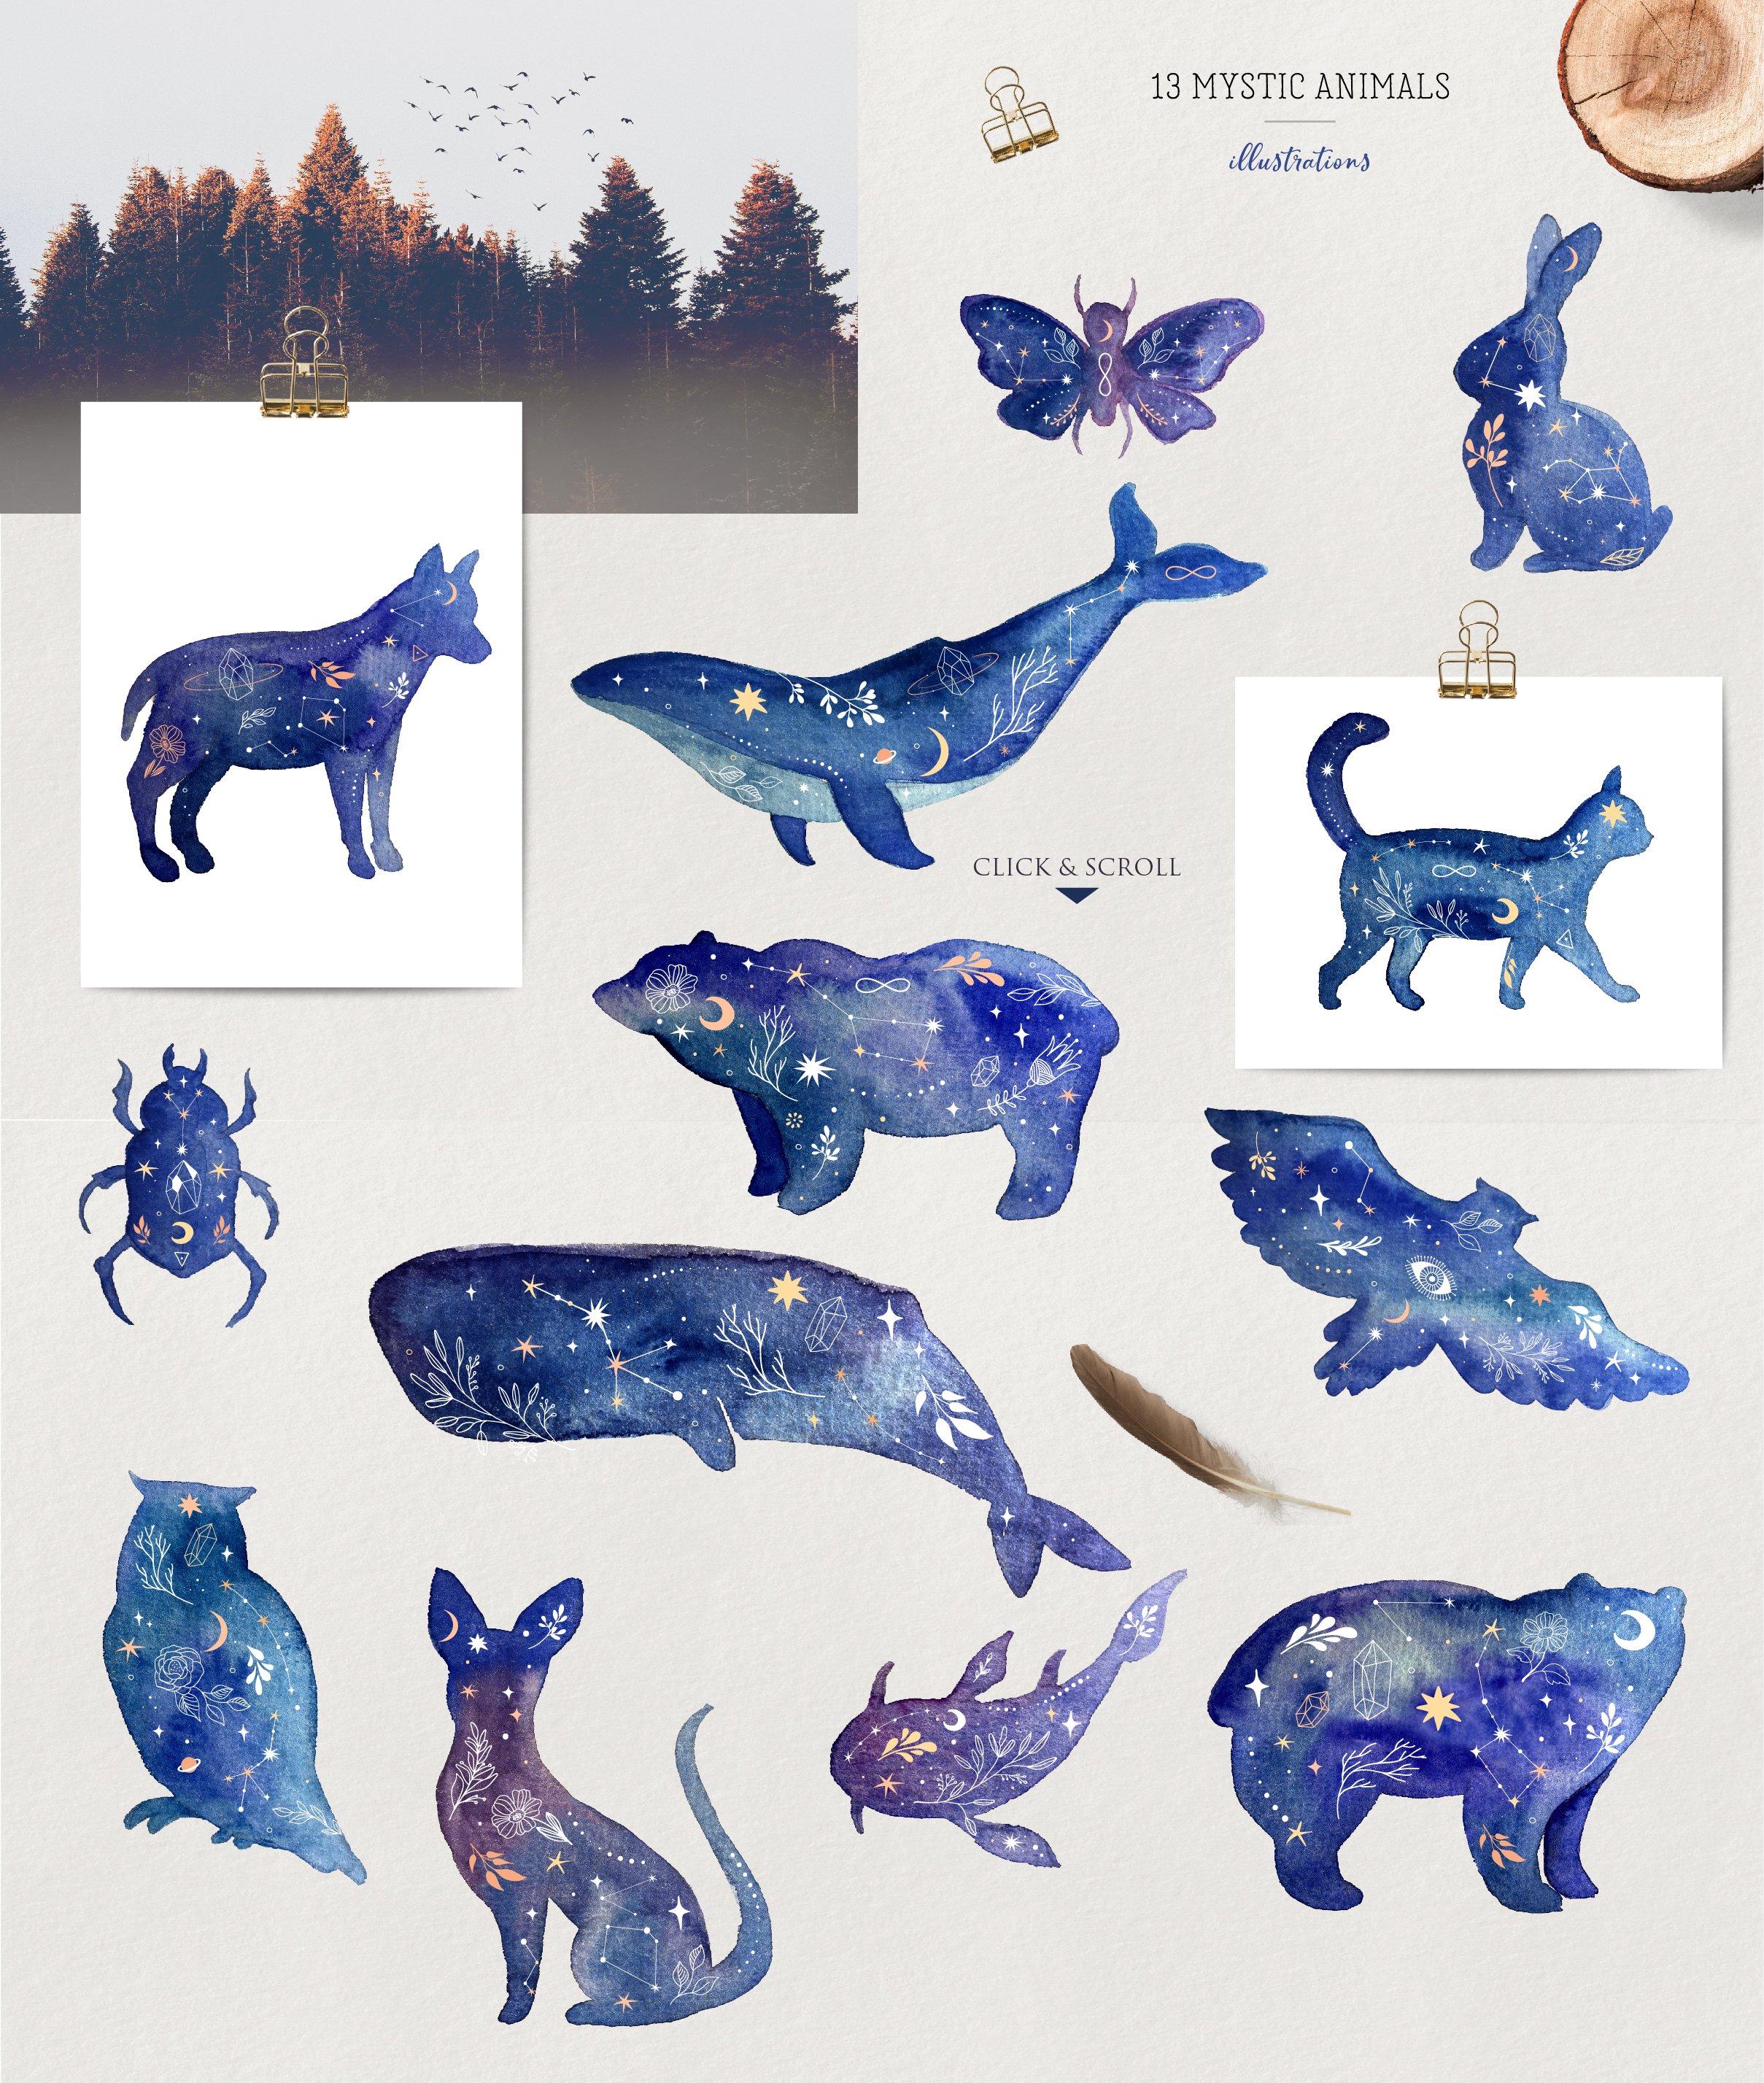 mystic animals 02 4